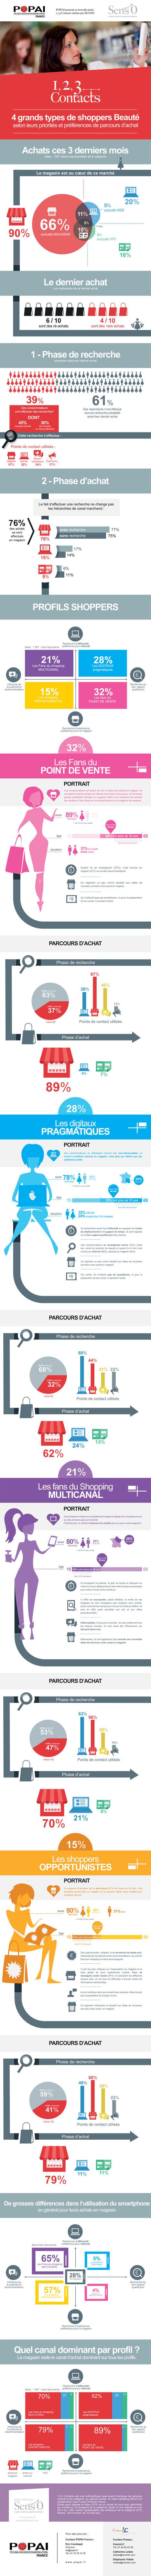 4 grands types de shoppers beauté identifiés dans une étude Senso pour Popai France   Retail   Scoop.it